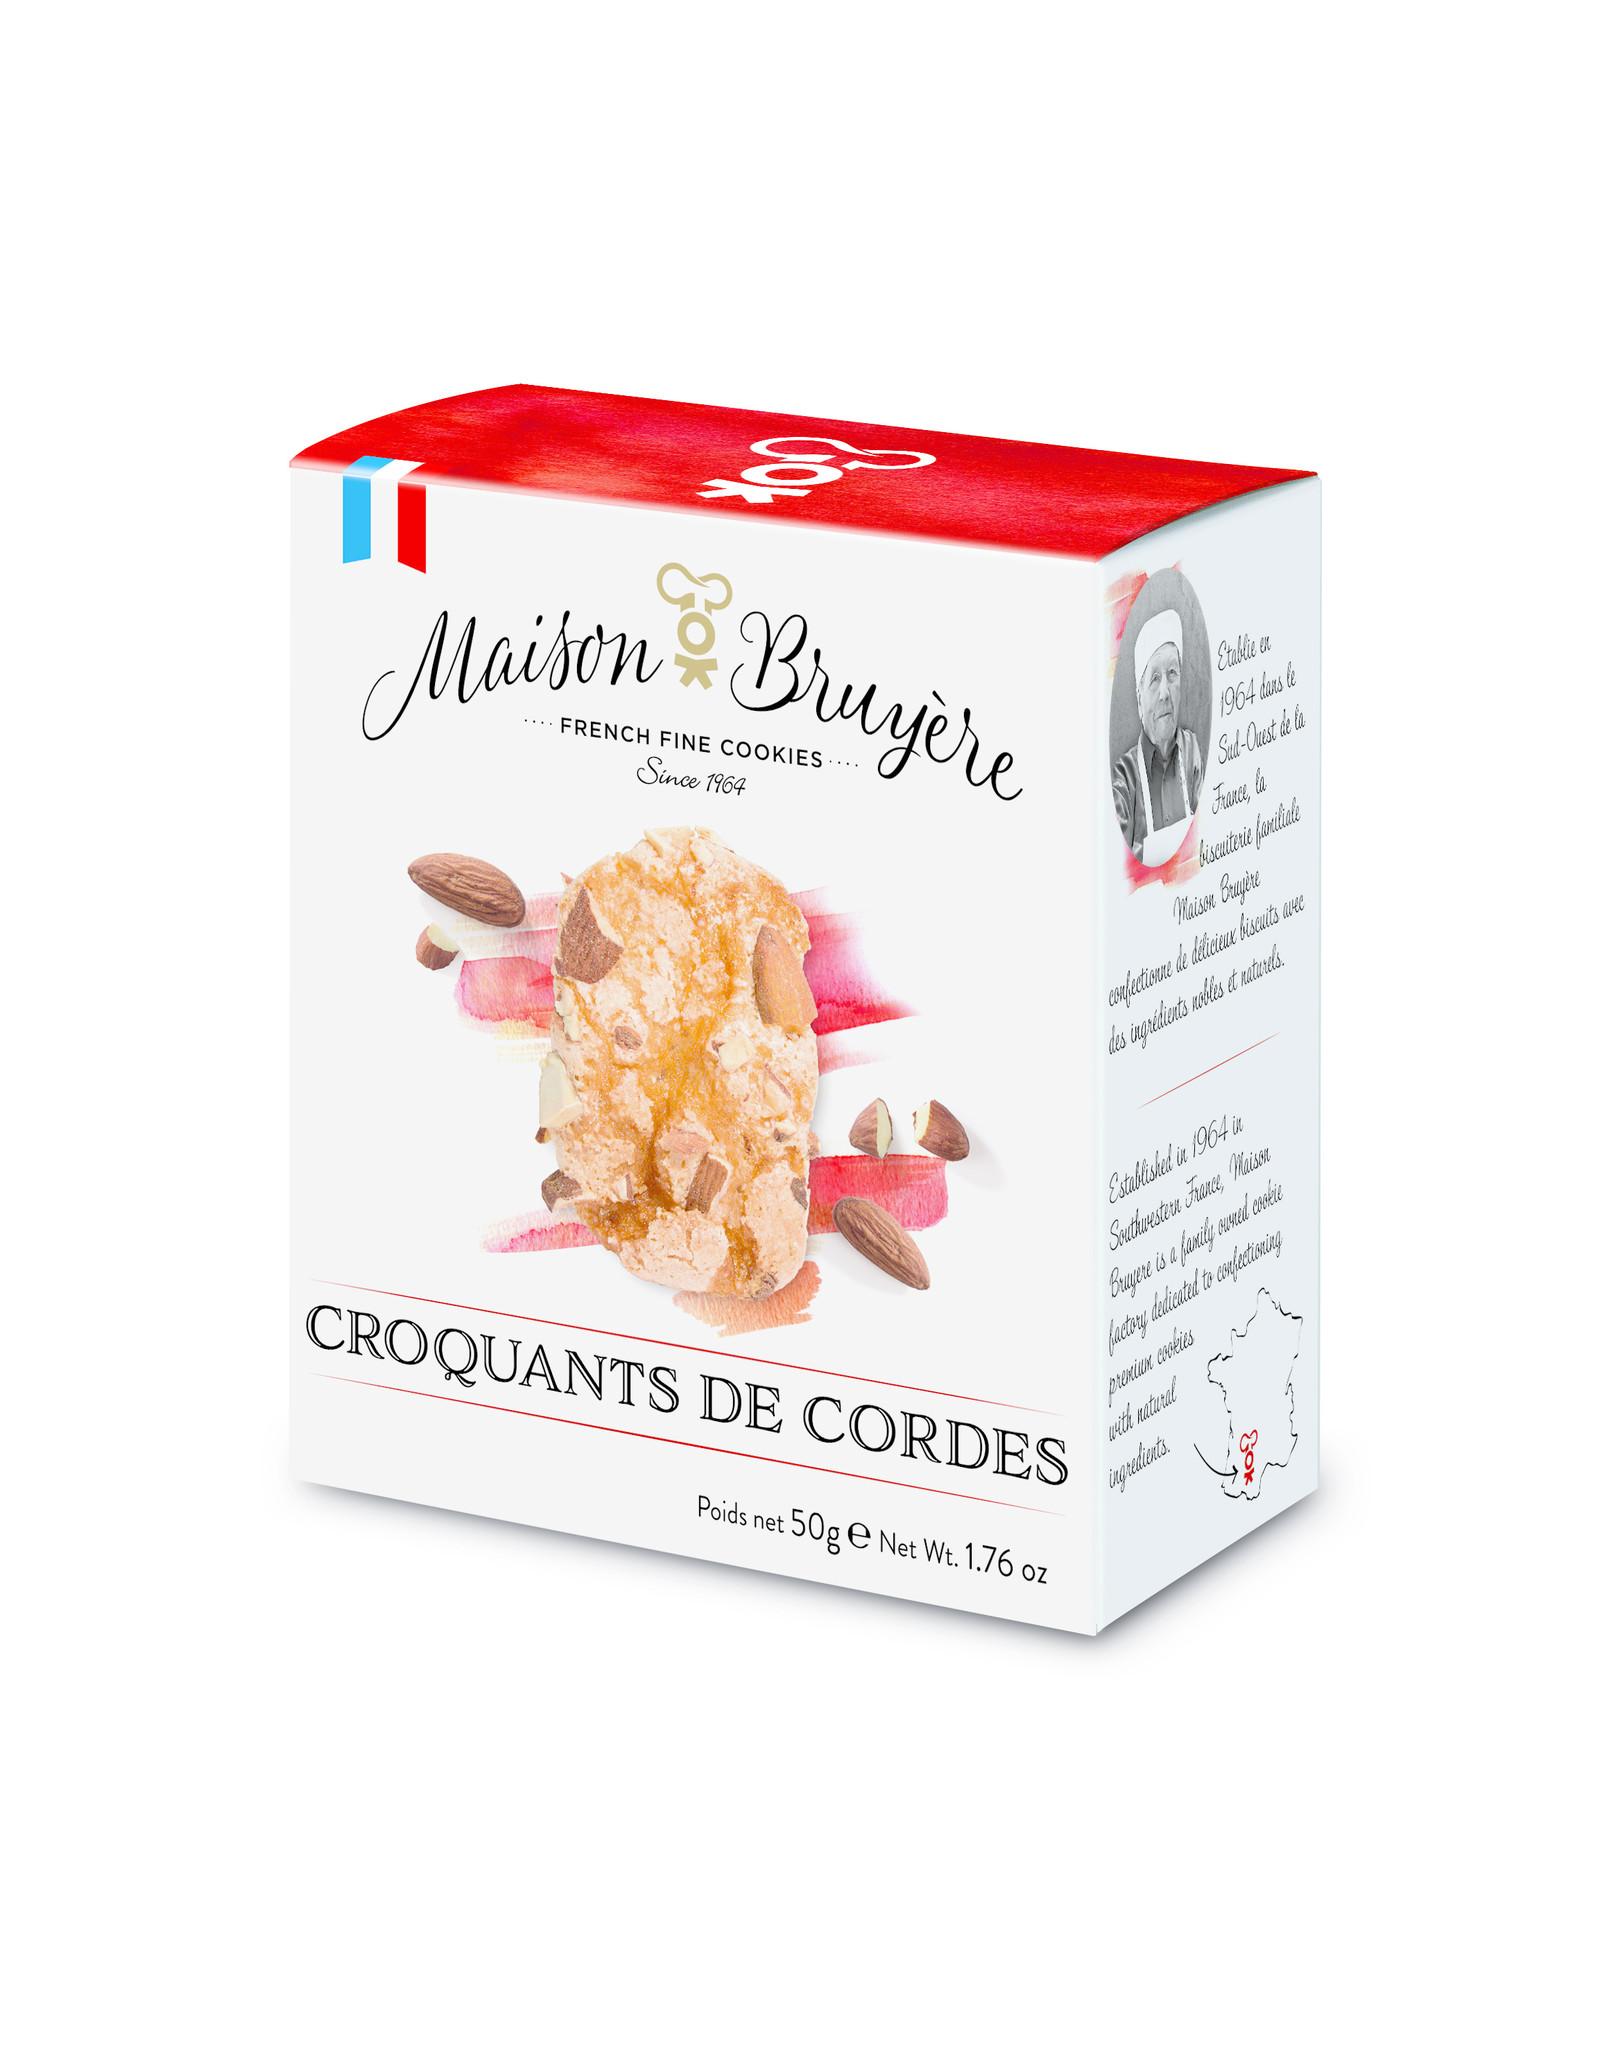 Maison Bruyere Biscuits soufflés et croustillants aux éclats d'amandes. 50g